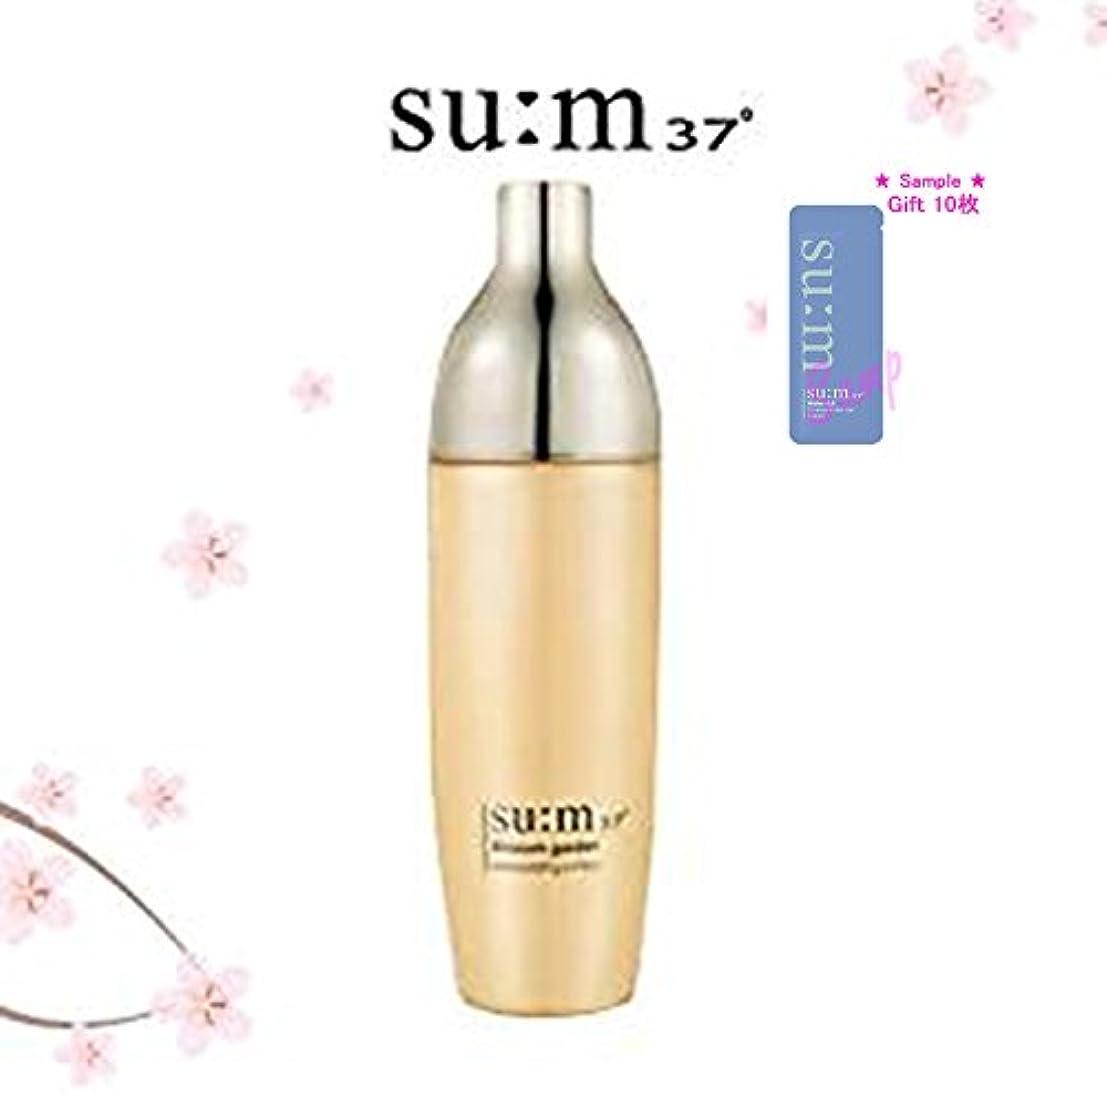 冗長しないでください腰sum37(スム37)ブロッサムガーデンモイスチャライジングスキン150ml(blossom garden moisturizing skin)